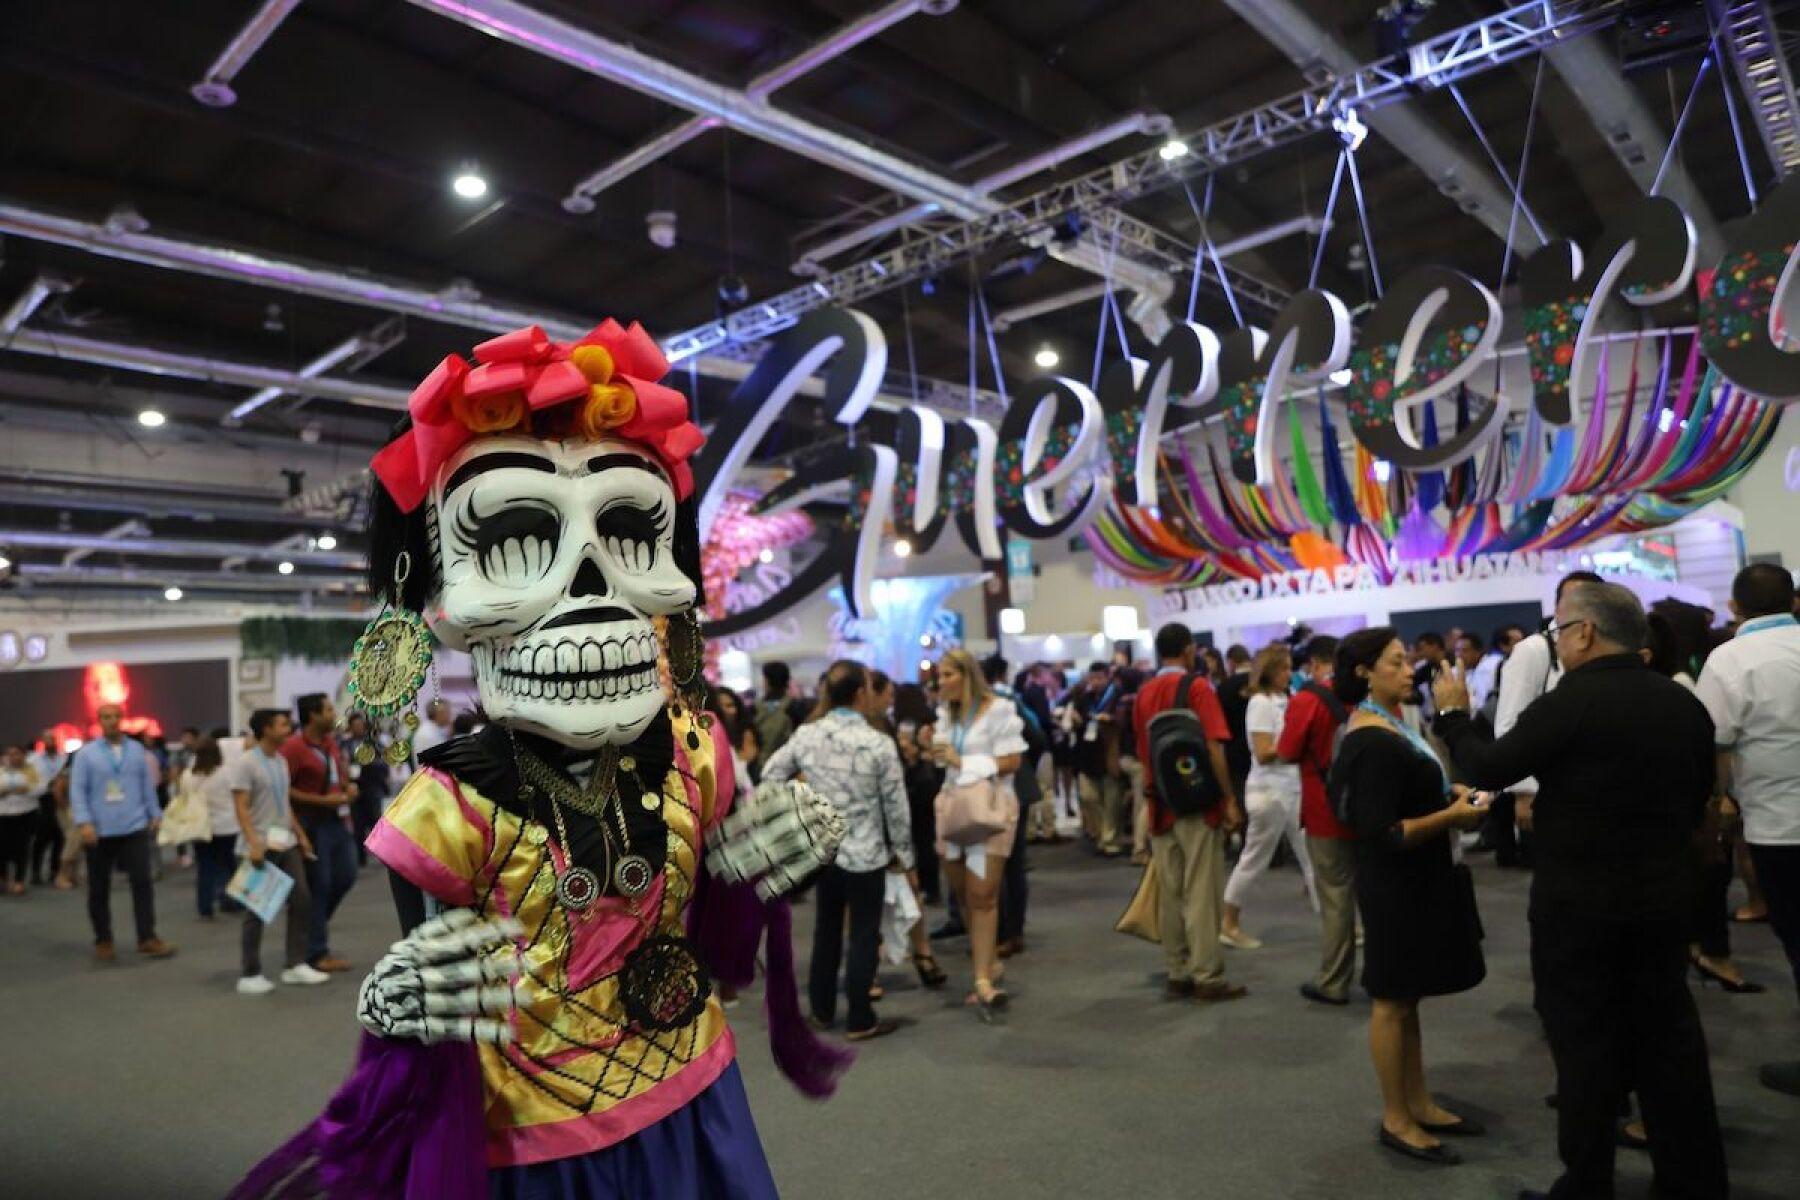 El evento se llevará a cabo del 22 al 25 de marzo en Mérida, Yucatán.